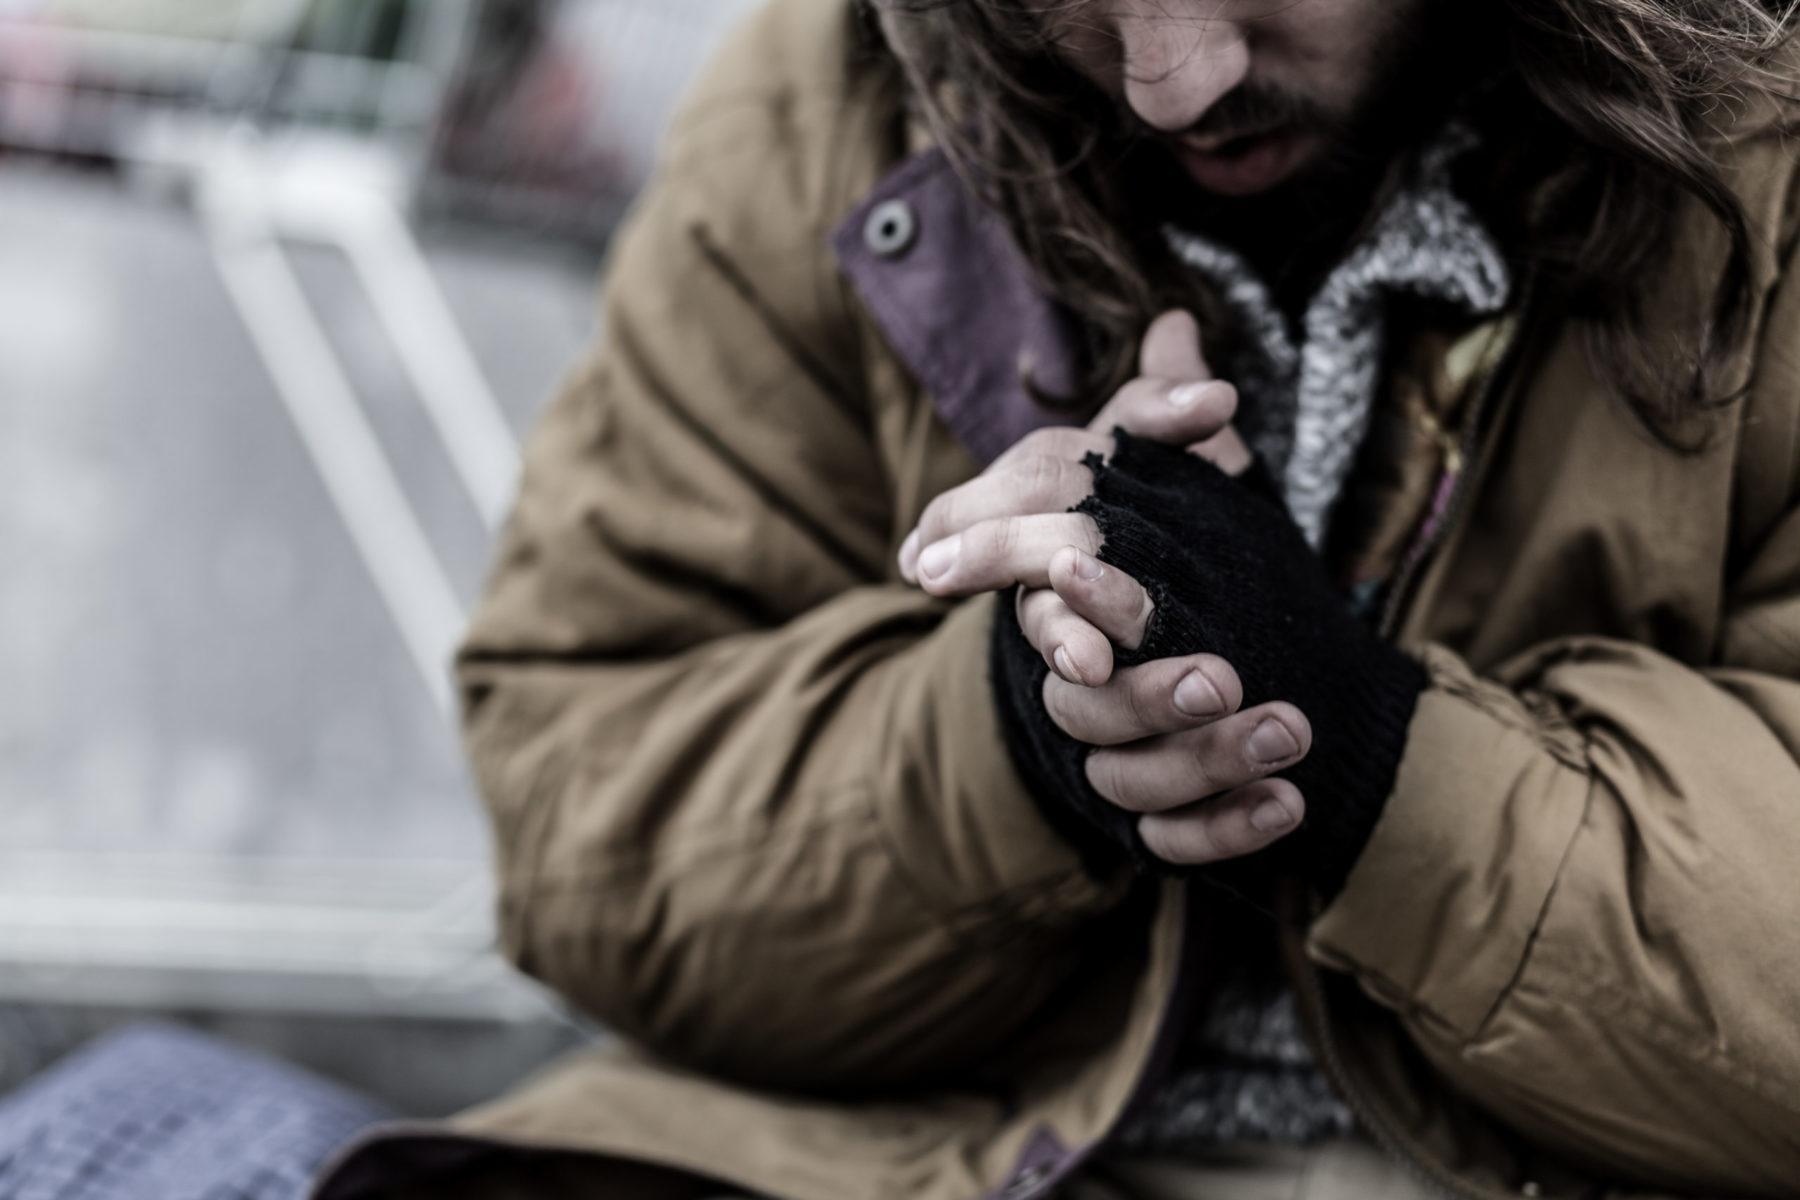 une personne sans abri à la rue les mains jointes a cause du froid et du manque